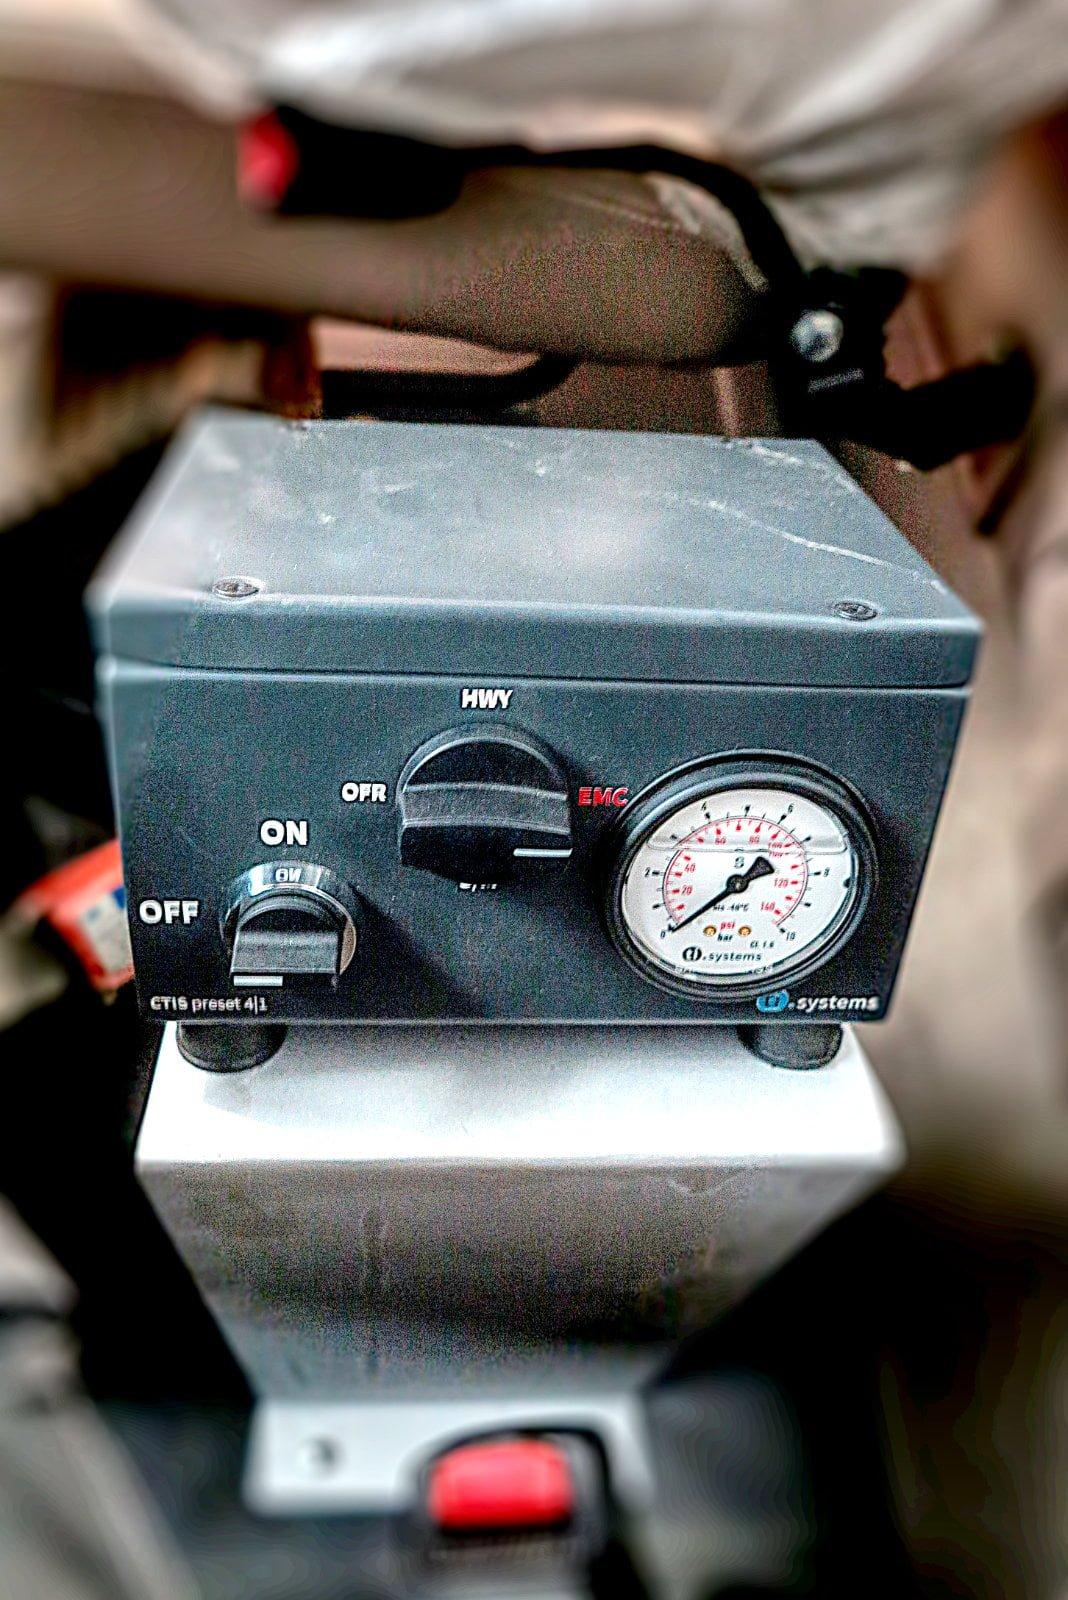 CTISr user control unit